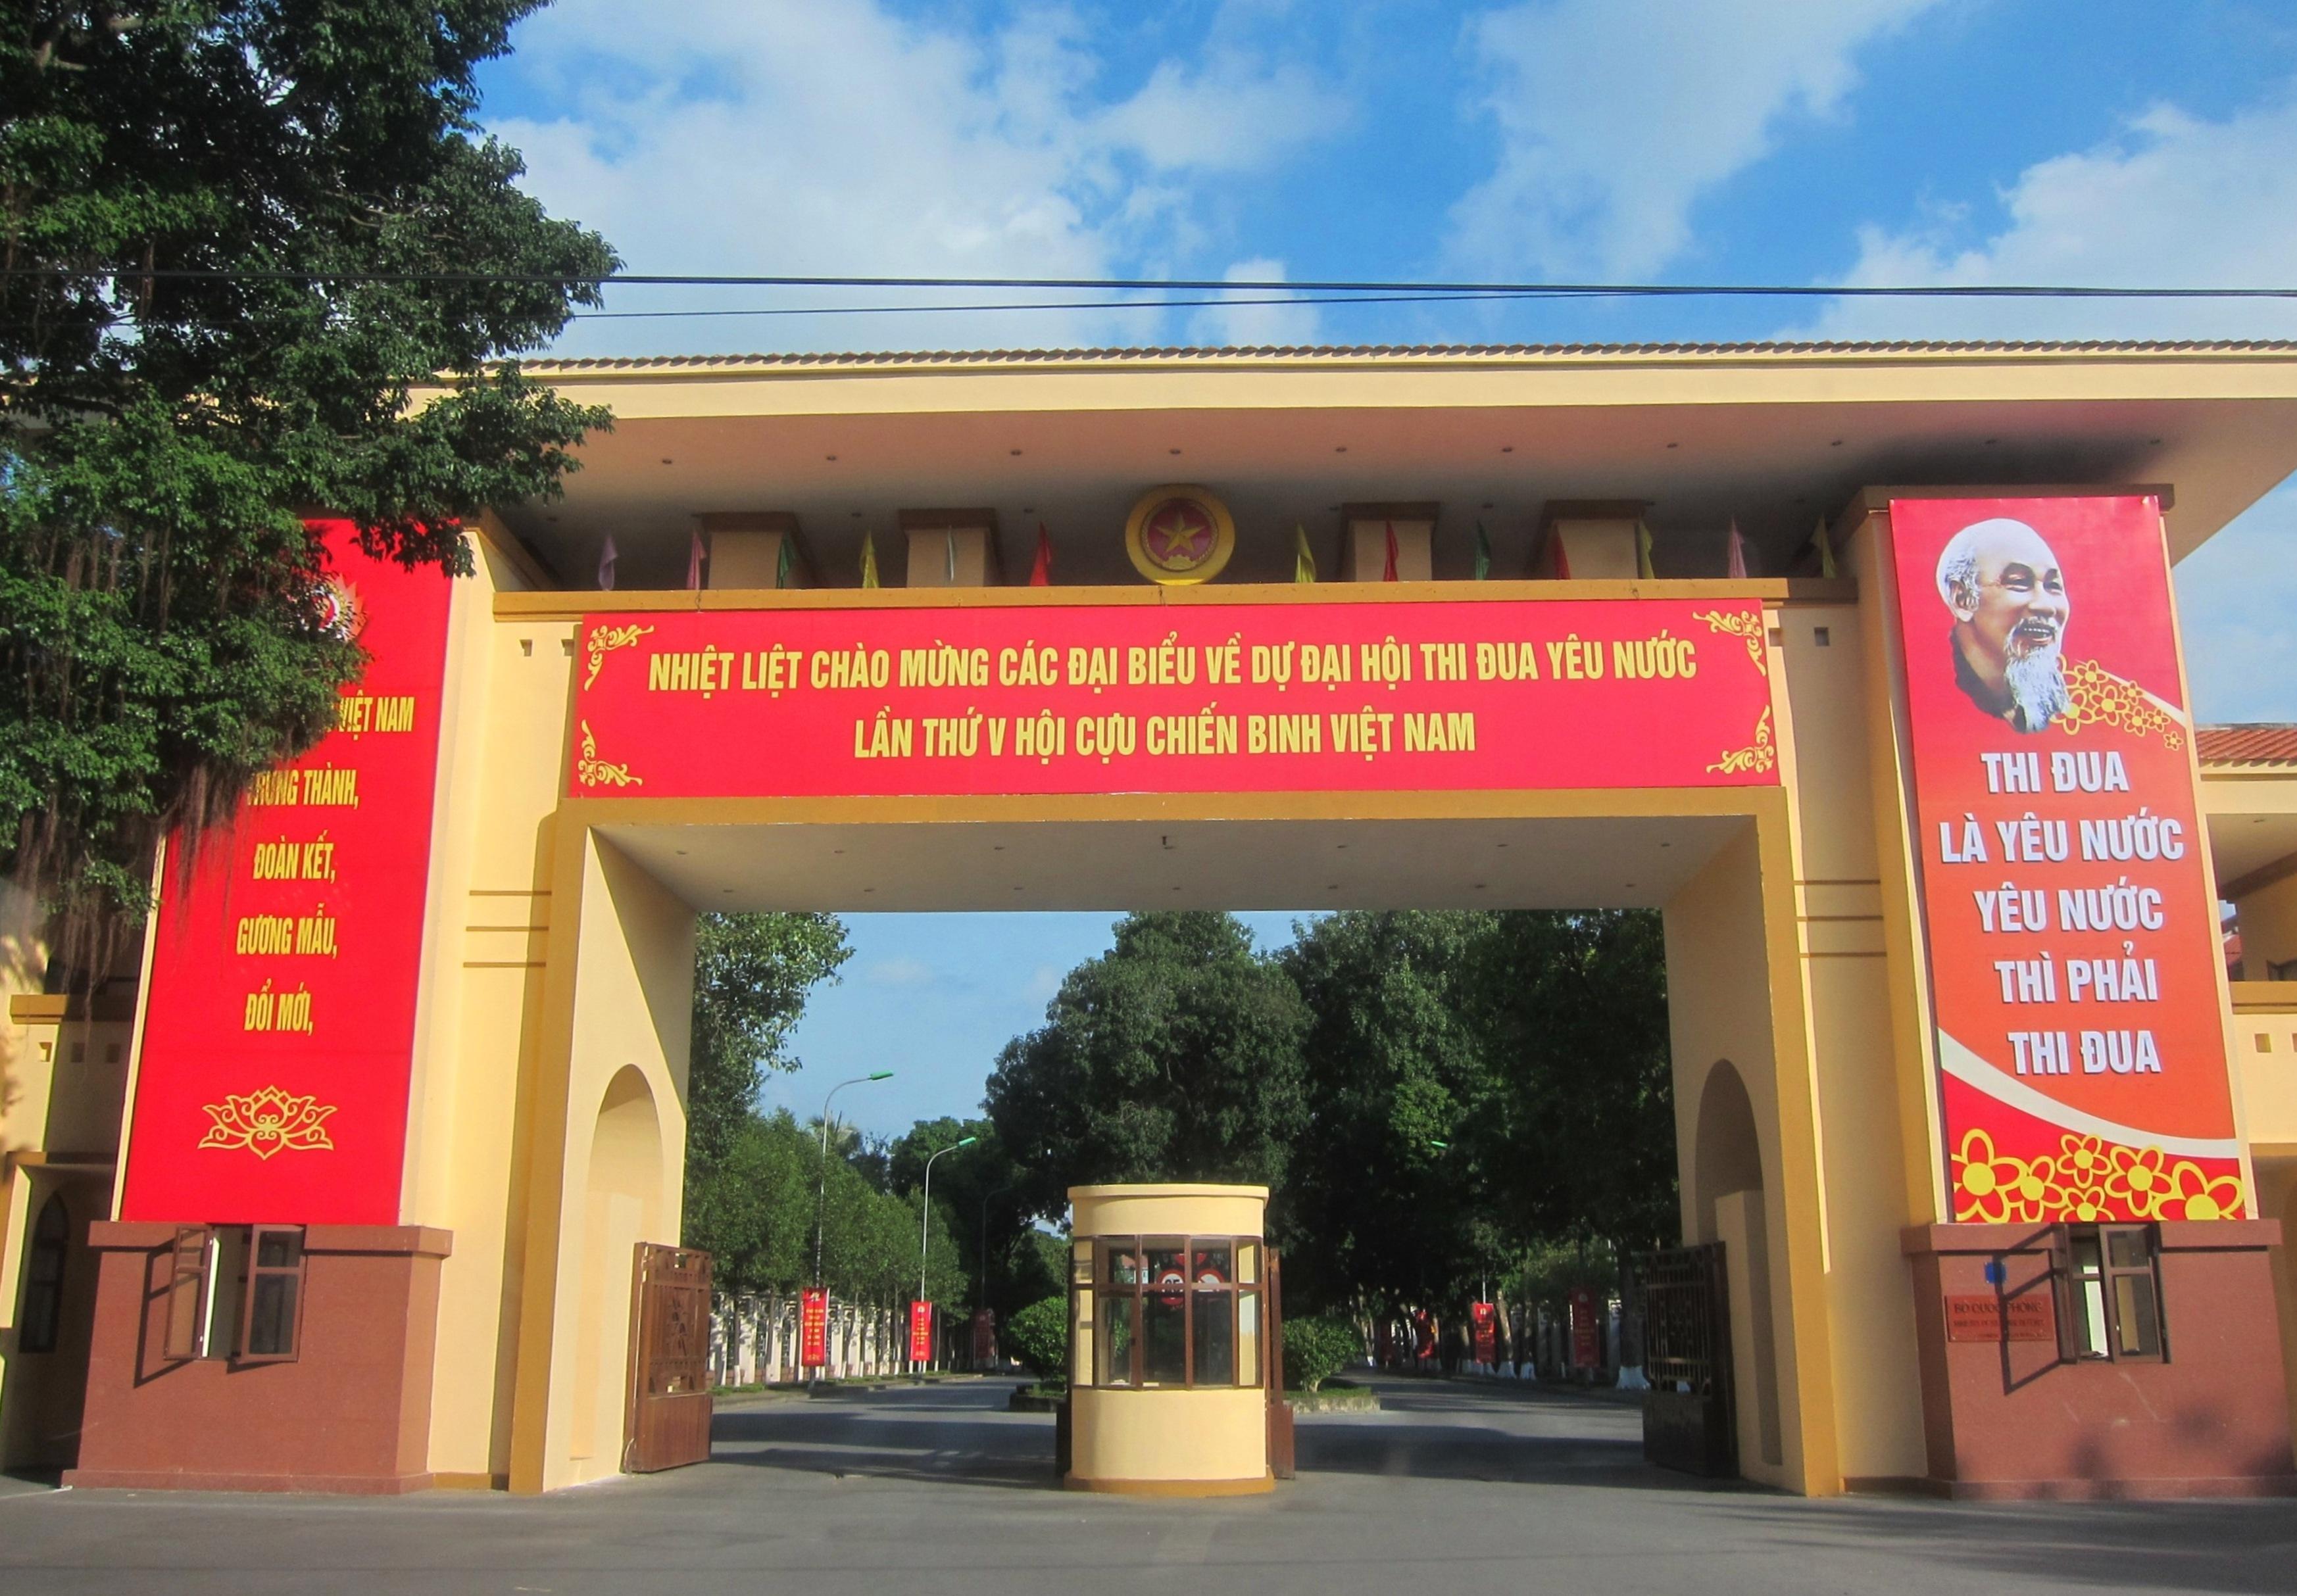 Lingering political statements Ho Chi Minh lives on